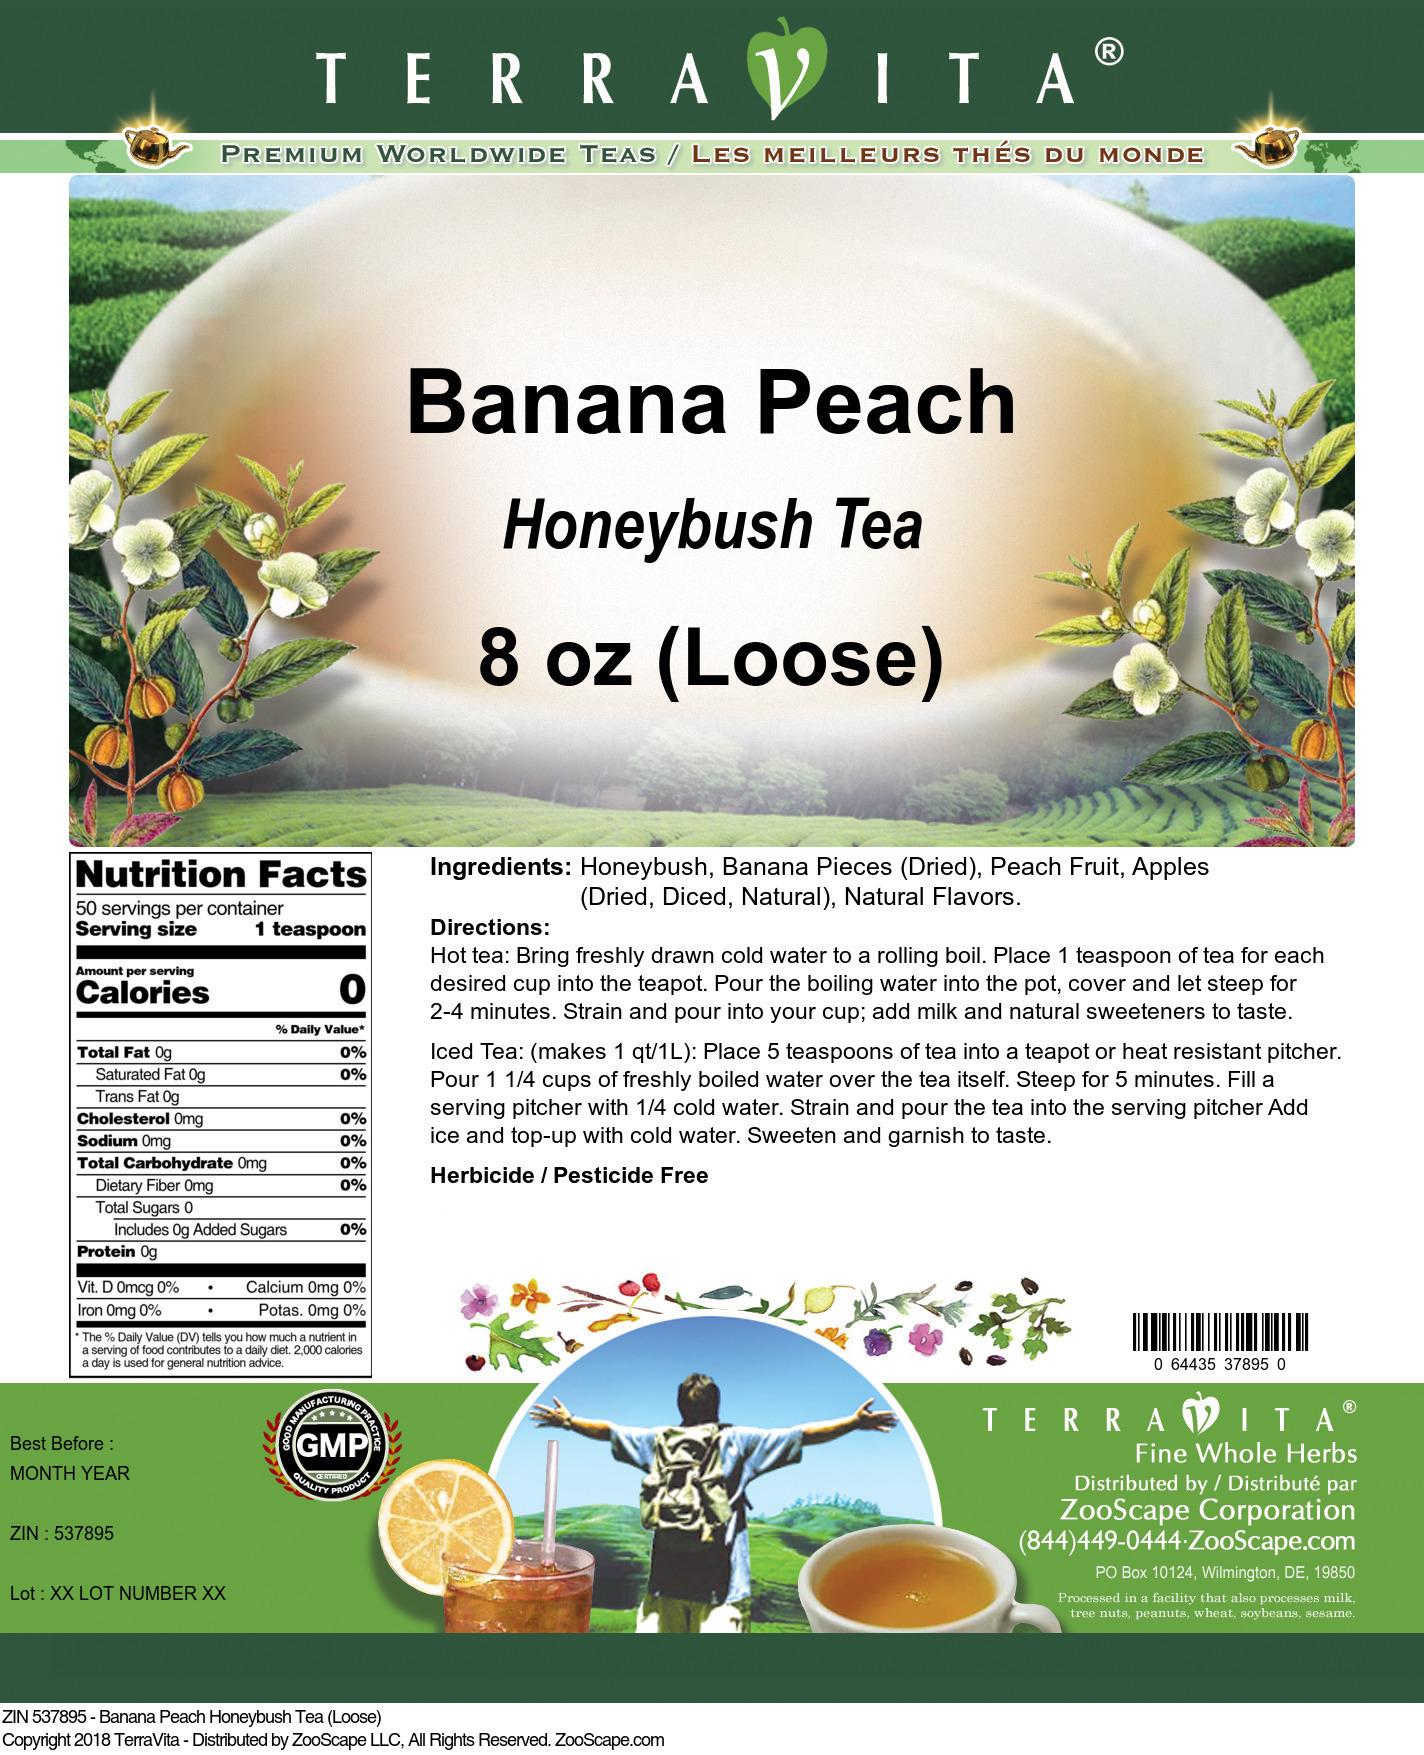 Banana Peach Honeybush Tea